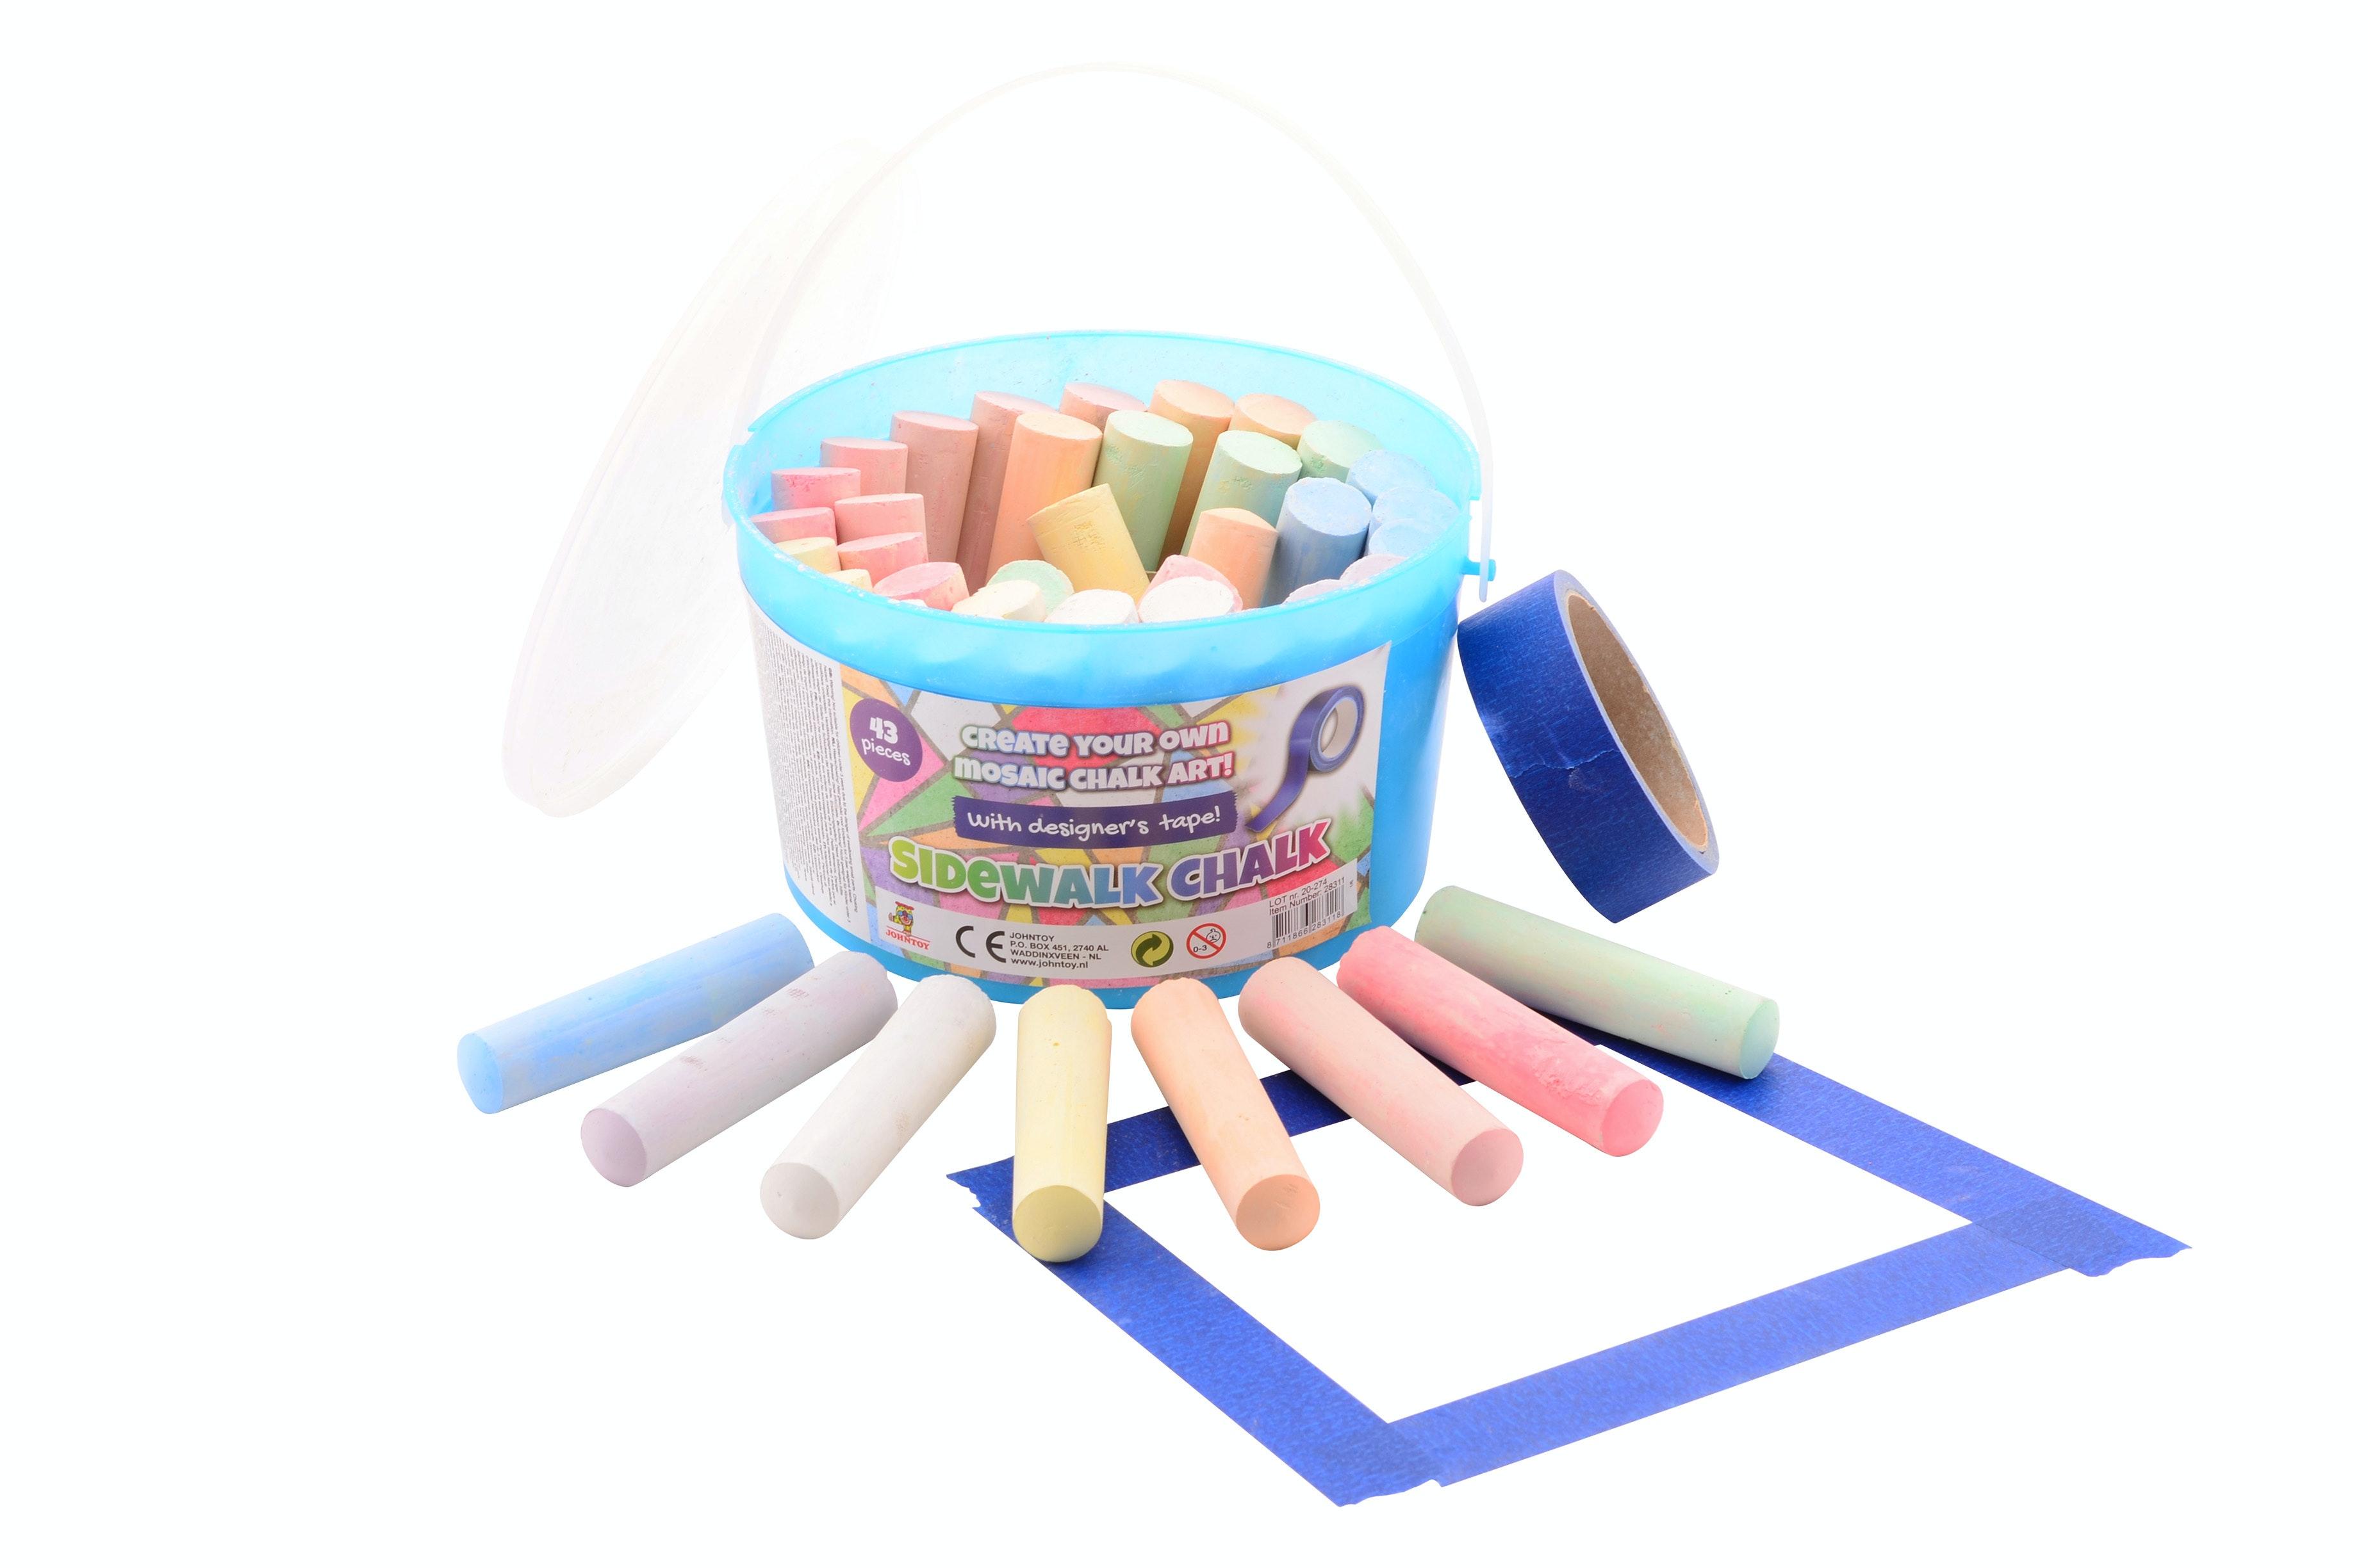 speelgoedwinkelcoppens.nl || Speelgoedprijs.nl